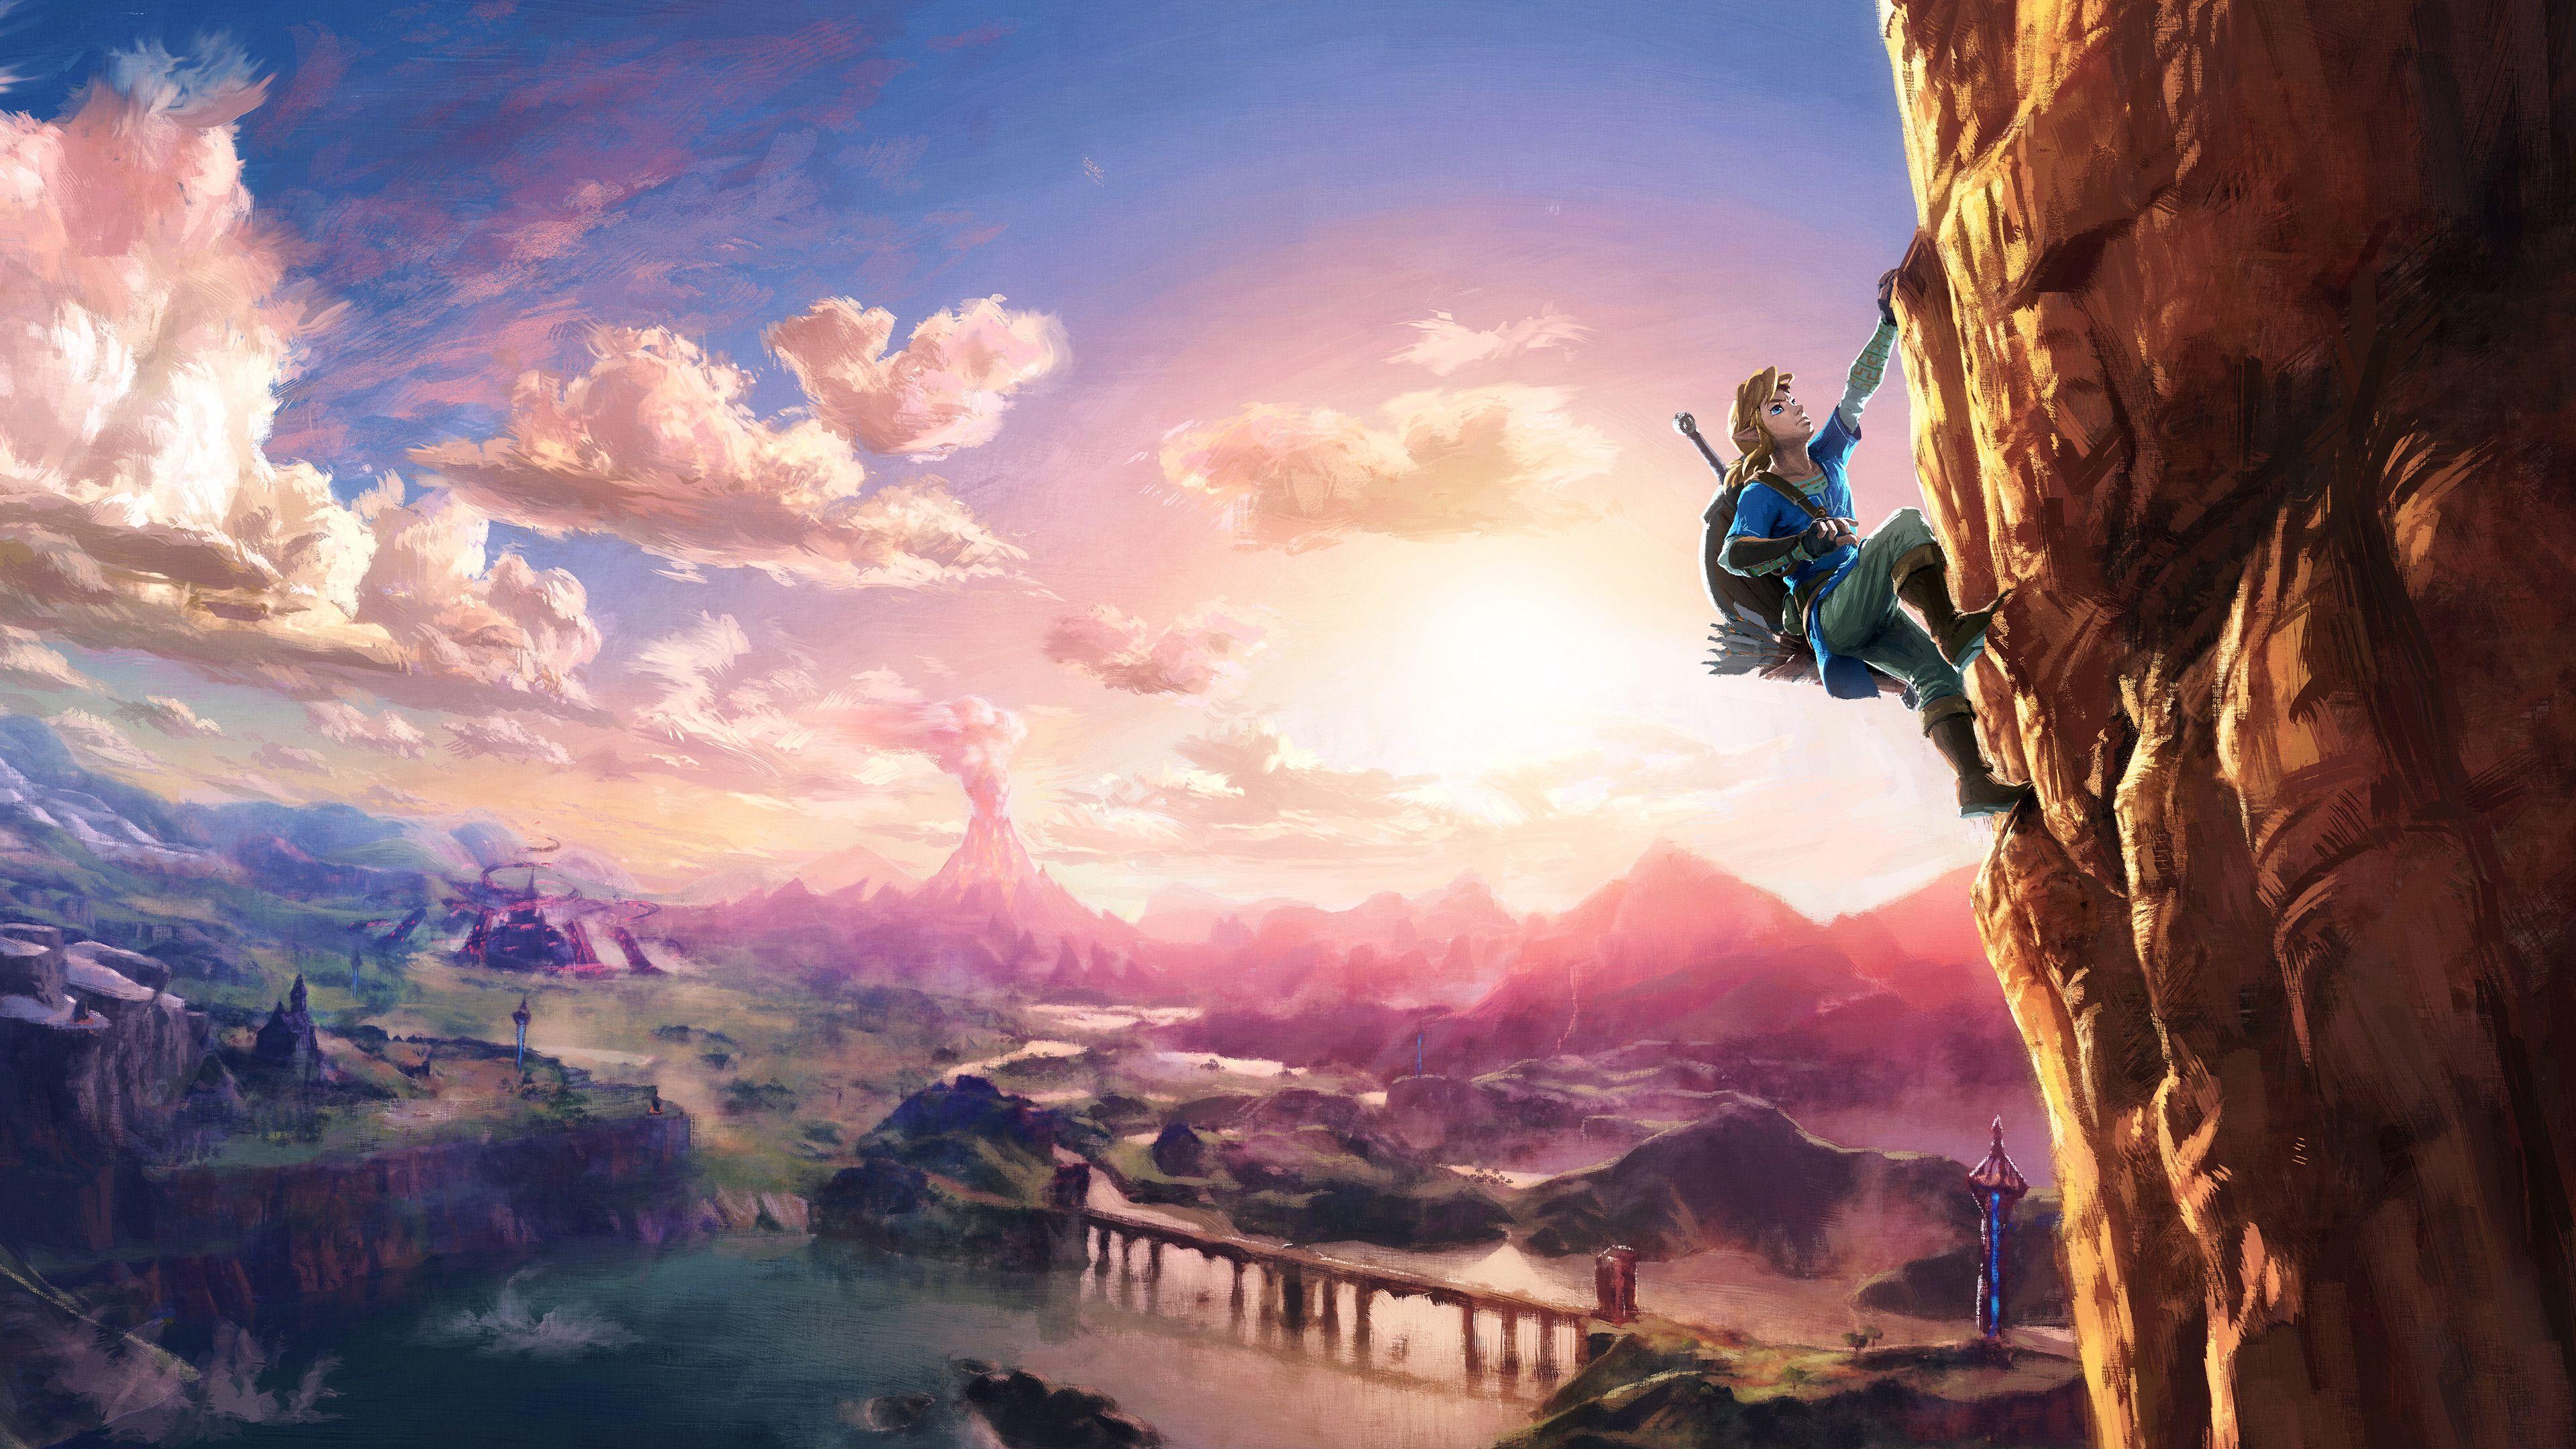 The Legend Of Zelda Breath Of The Wild Wallpaper Pack Zelda Wii